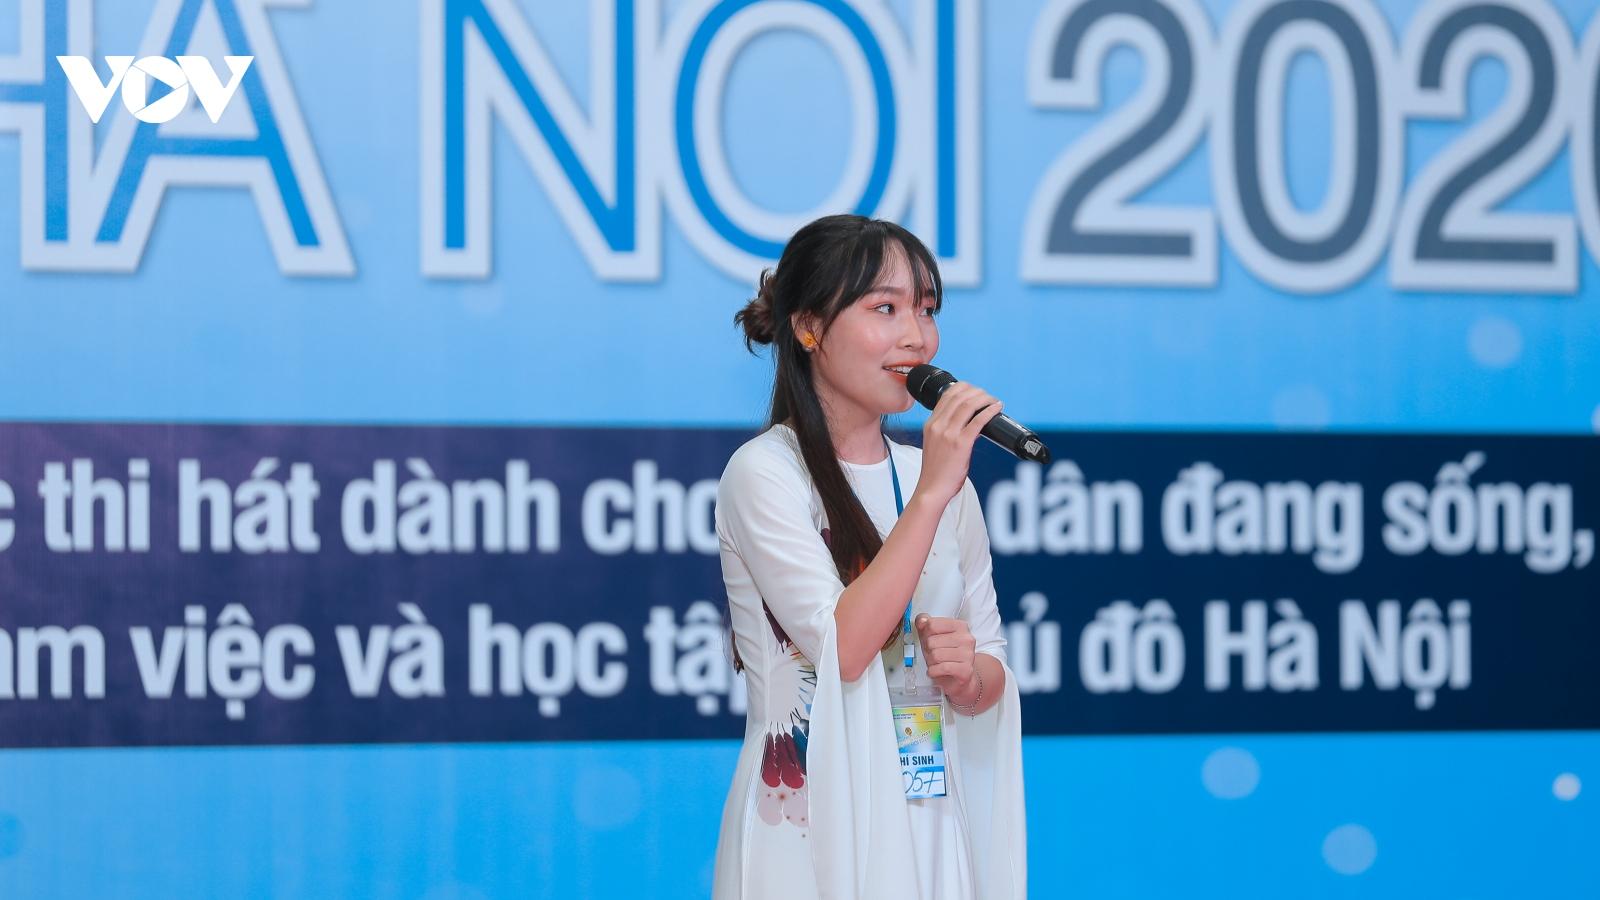 """Hơn 400 giọng ca tài năng tranh tài trong vòng sơ khảo cuộc thi """"Giọng hát hay Hà Nội"""""""